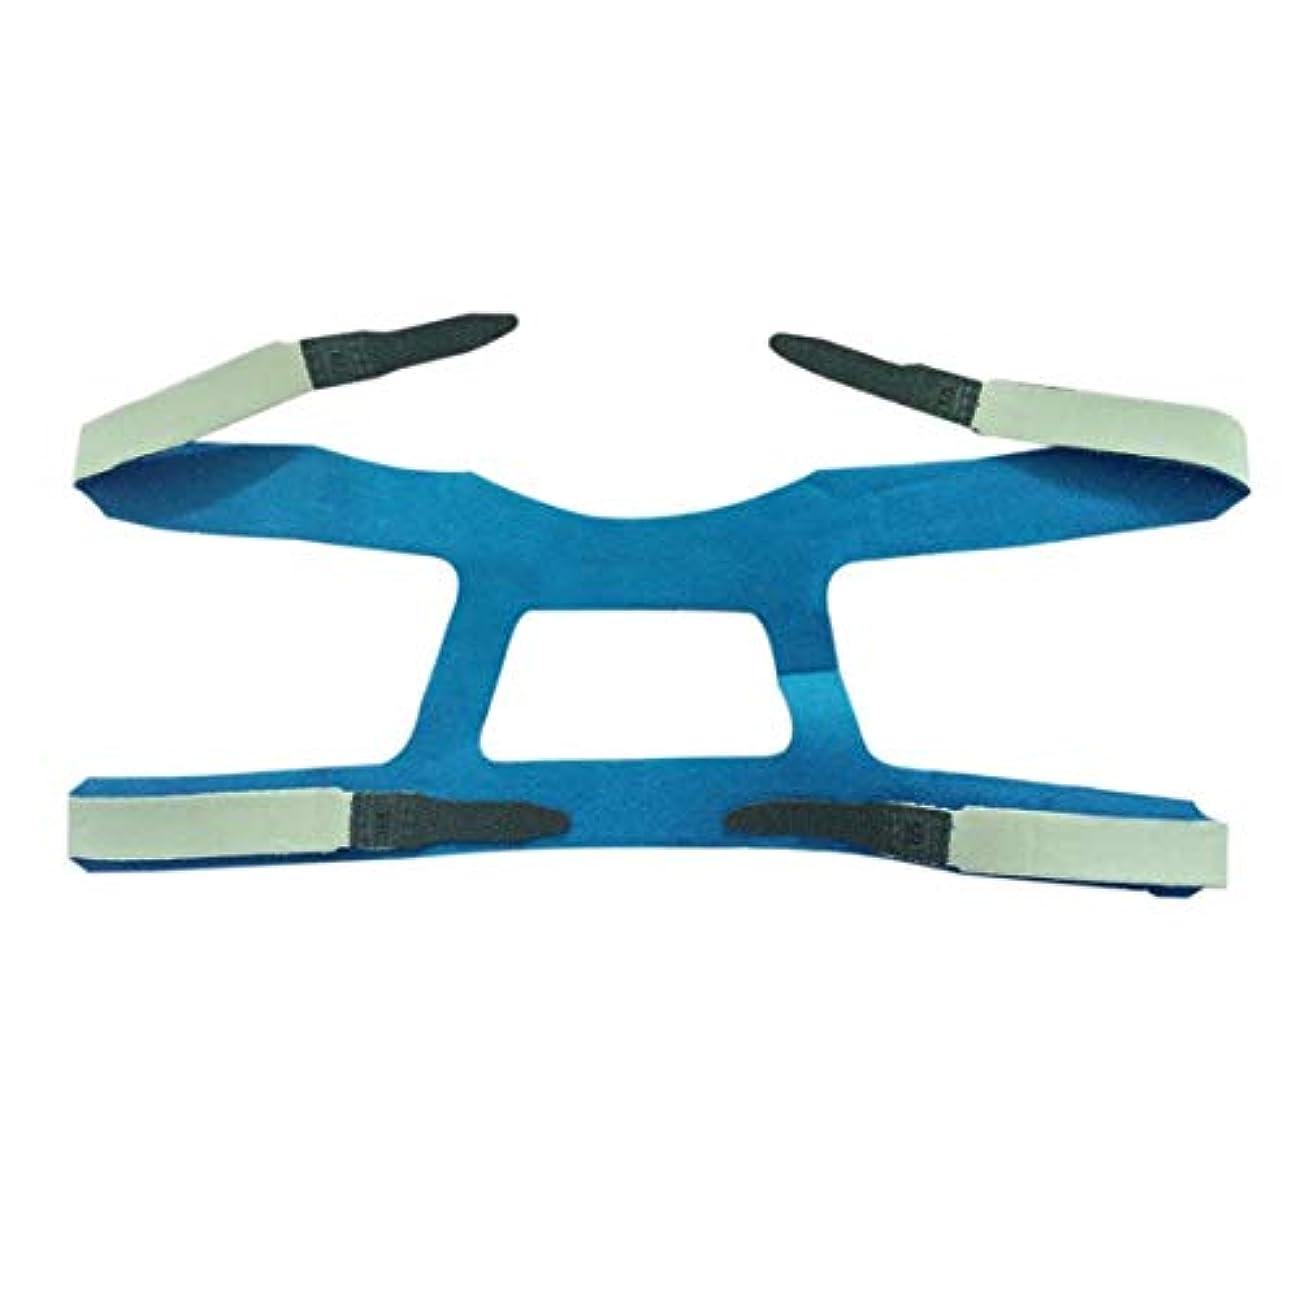 発生する決めます頑丈ユニバーサルデザインヘッドギアコンフォートジェルフルマスク安全な環境の交換用CPAPヘッドバンドなしPHILPS - グレー&ブルー